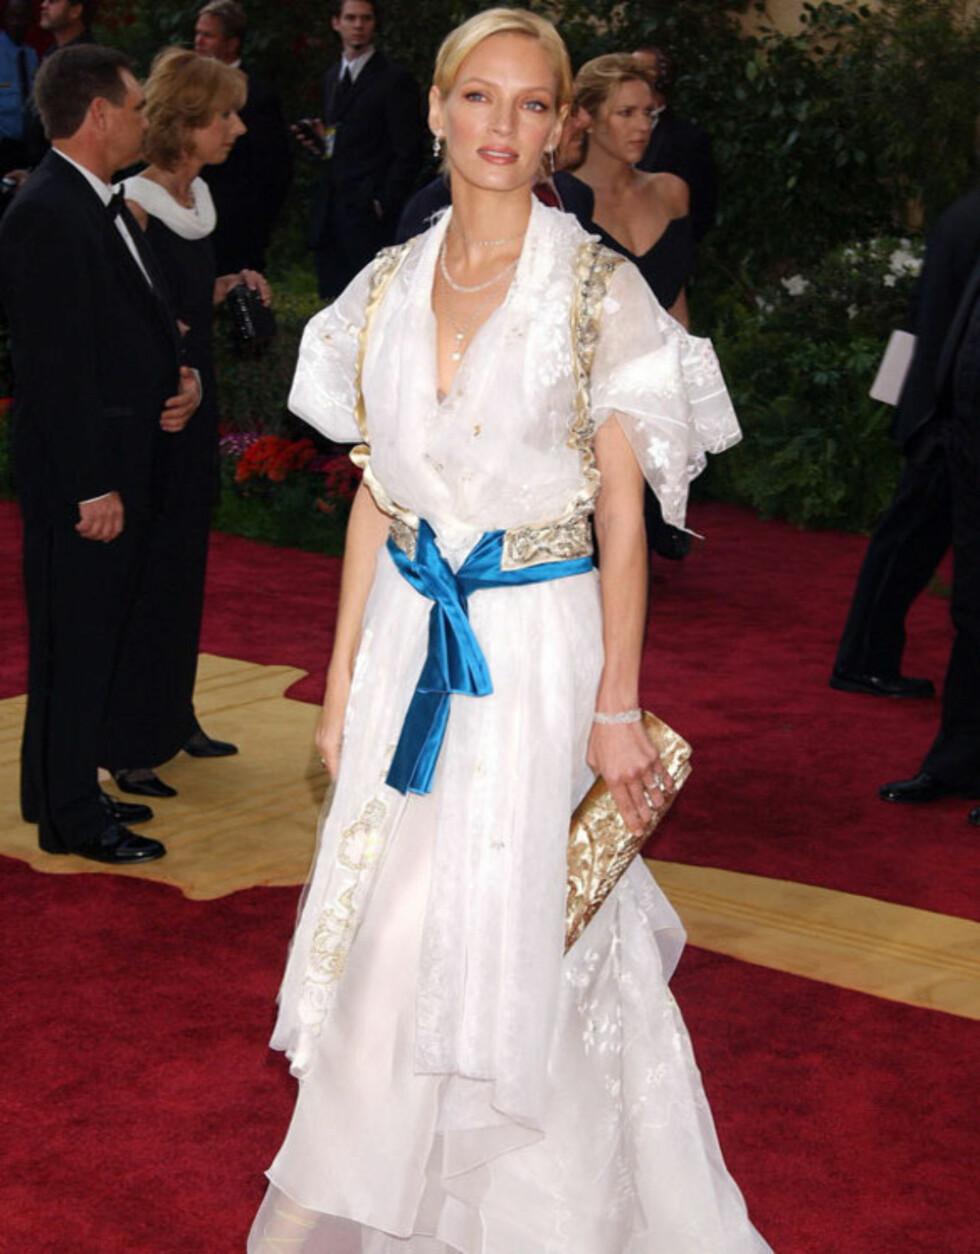 LATTERLIG: I 2004 ble Uma Thurman sammenlignet med både svenske og sveitsiske budeier eller lignende i denne Christian Lacroix-kreasjonen.  Foto: Stella Pictures